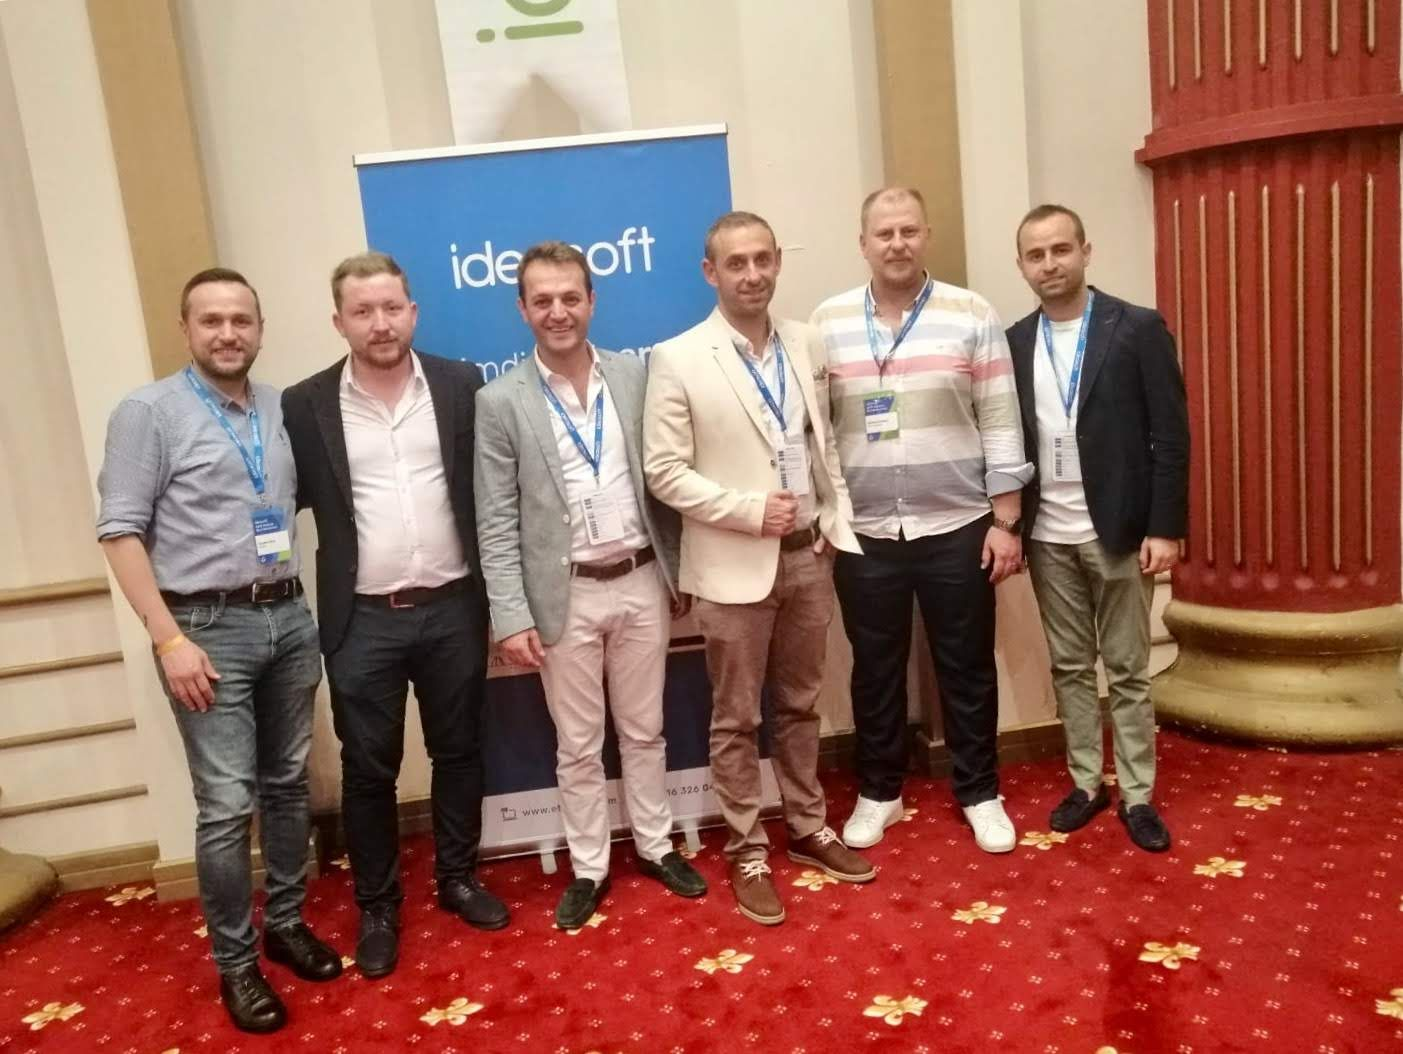 Soldan Sağa; İbrahim Özer, Özkan Gözütok, Fatih Çalışkan, Seyhun Özkara, Görkem Özdemir, Kerem Kaya